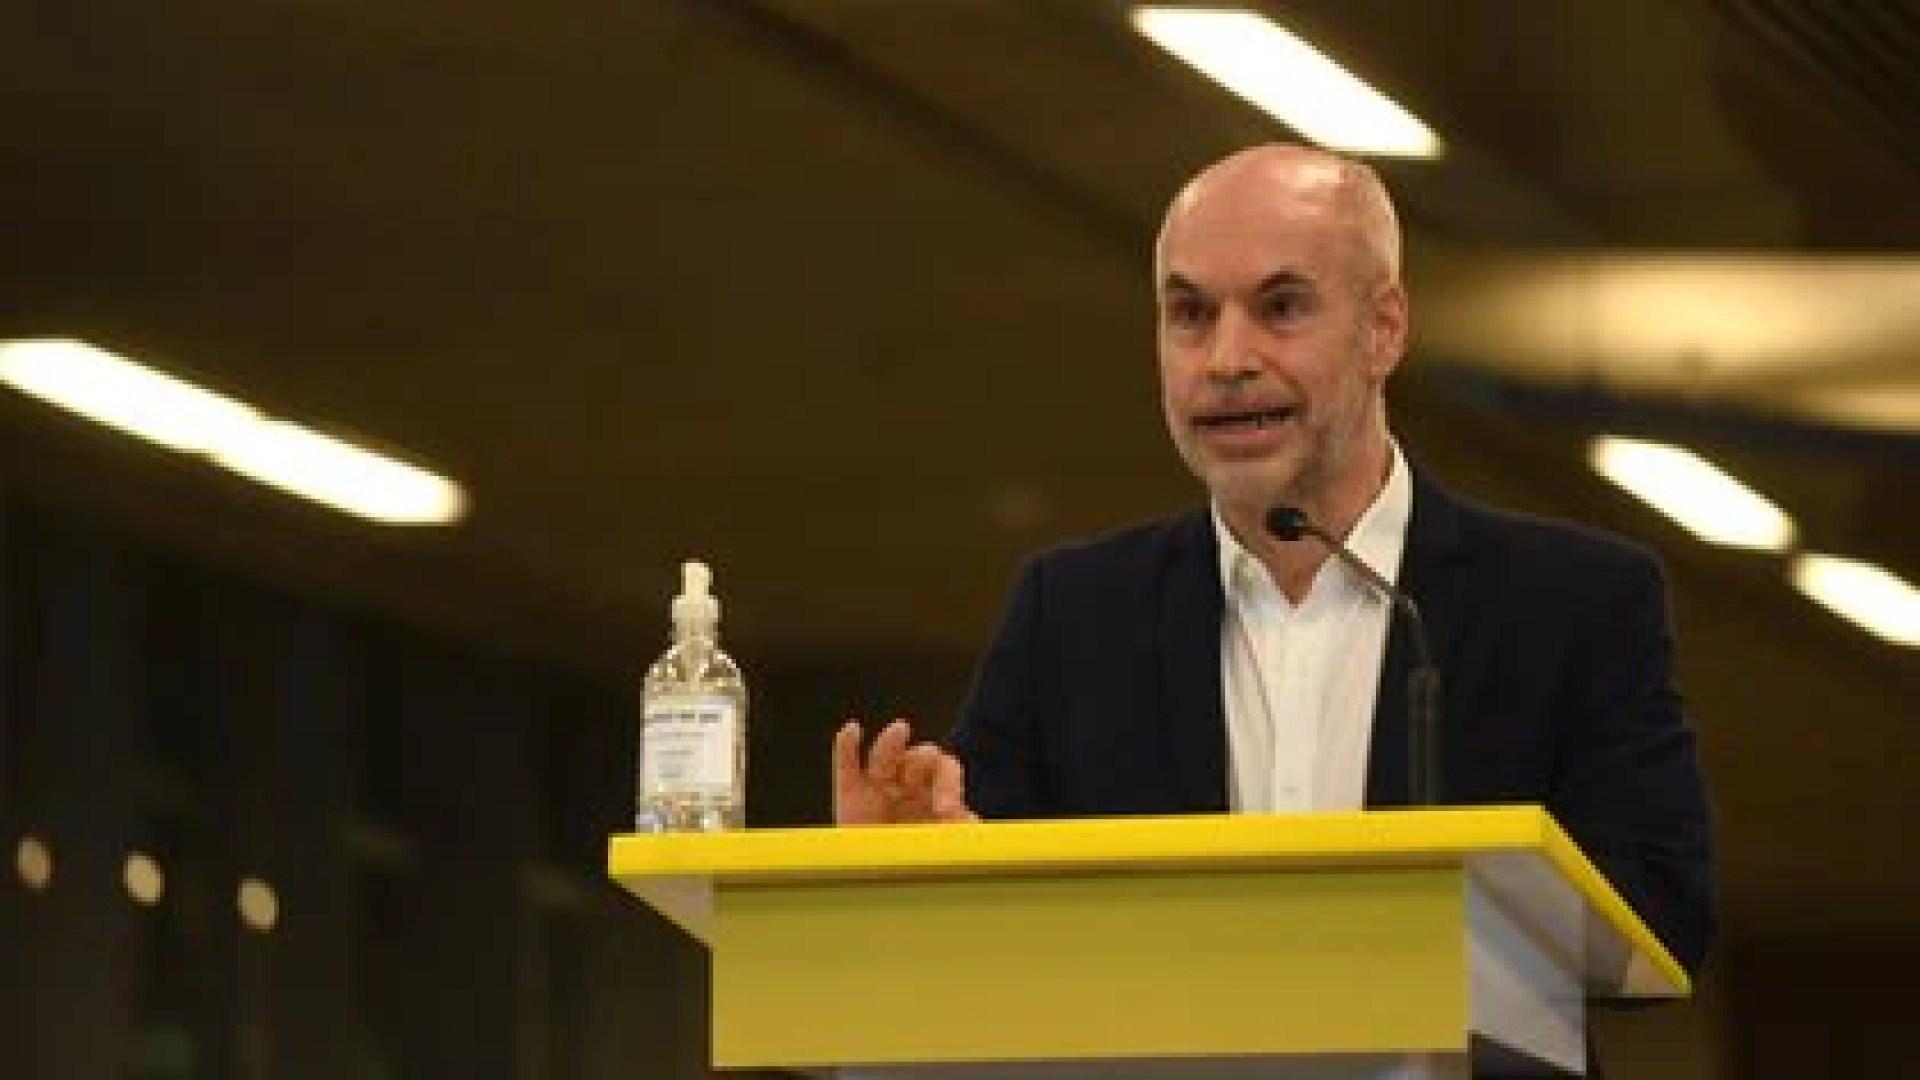 Horacio Rodríguez Larreta criticó la decisión presidencial de recortarle fondos. Hará un reclamo judicial.